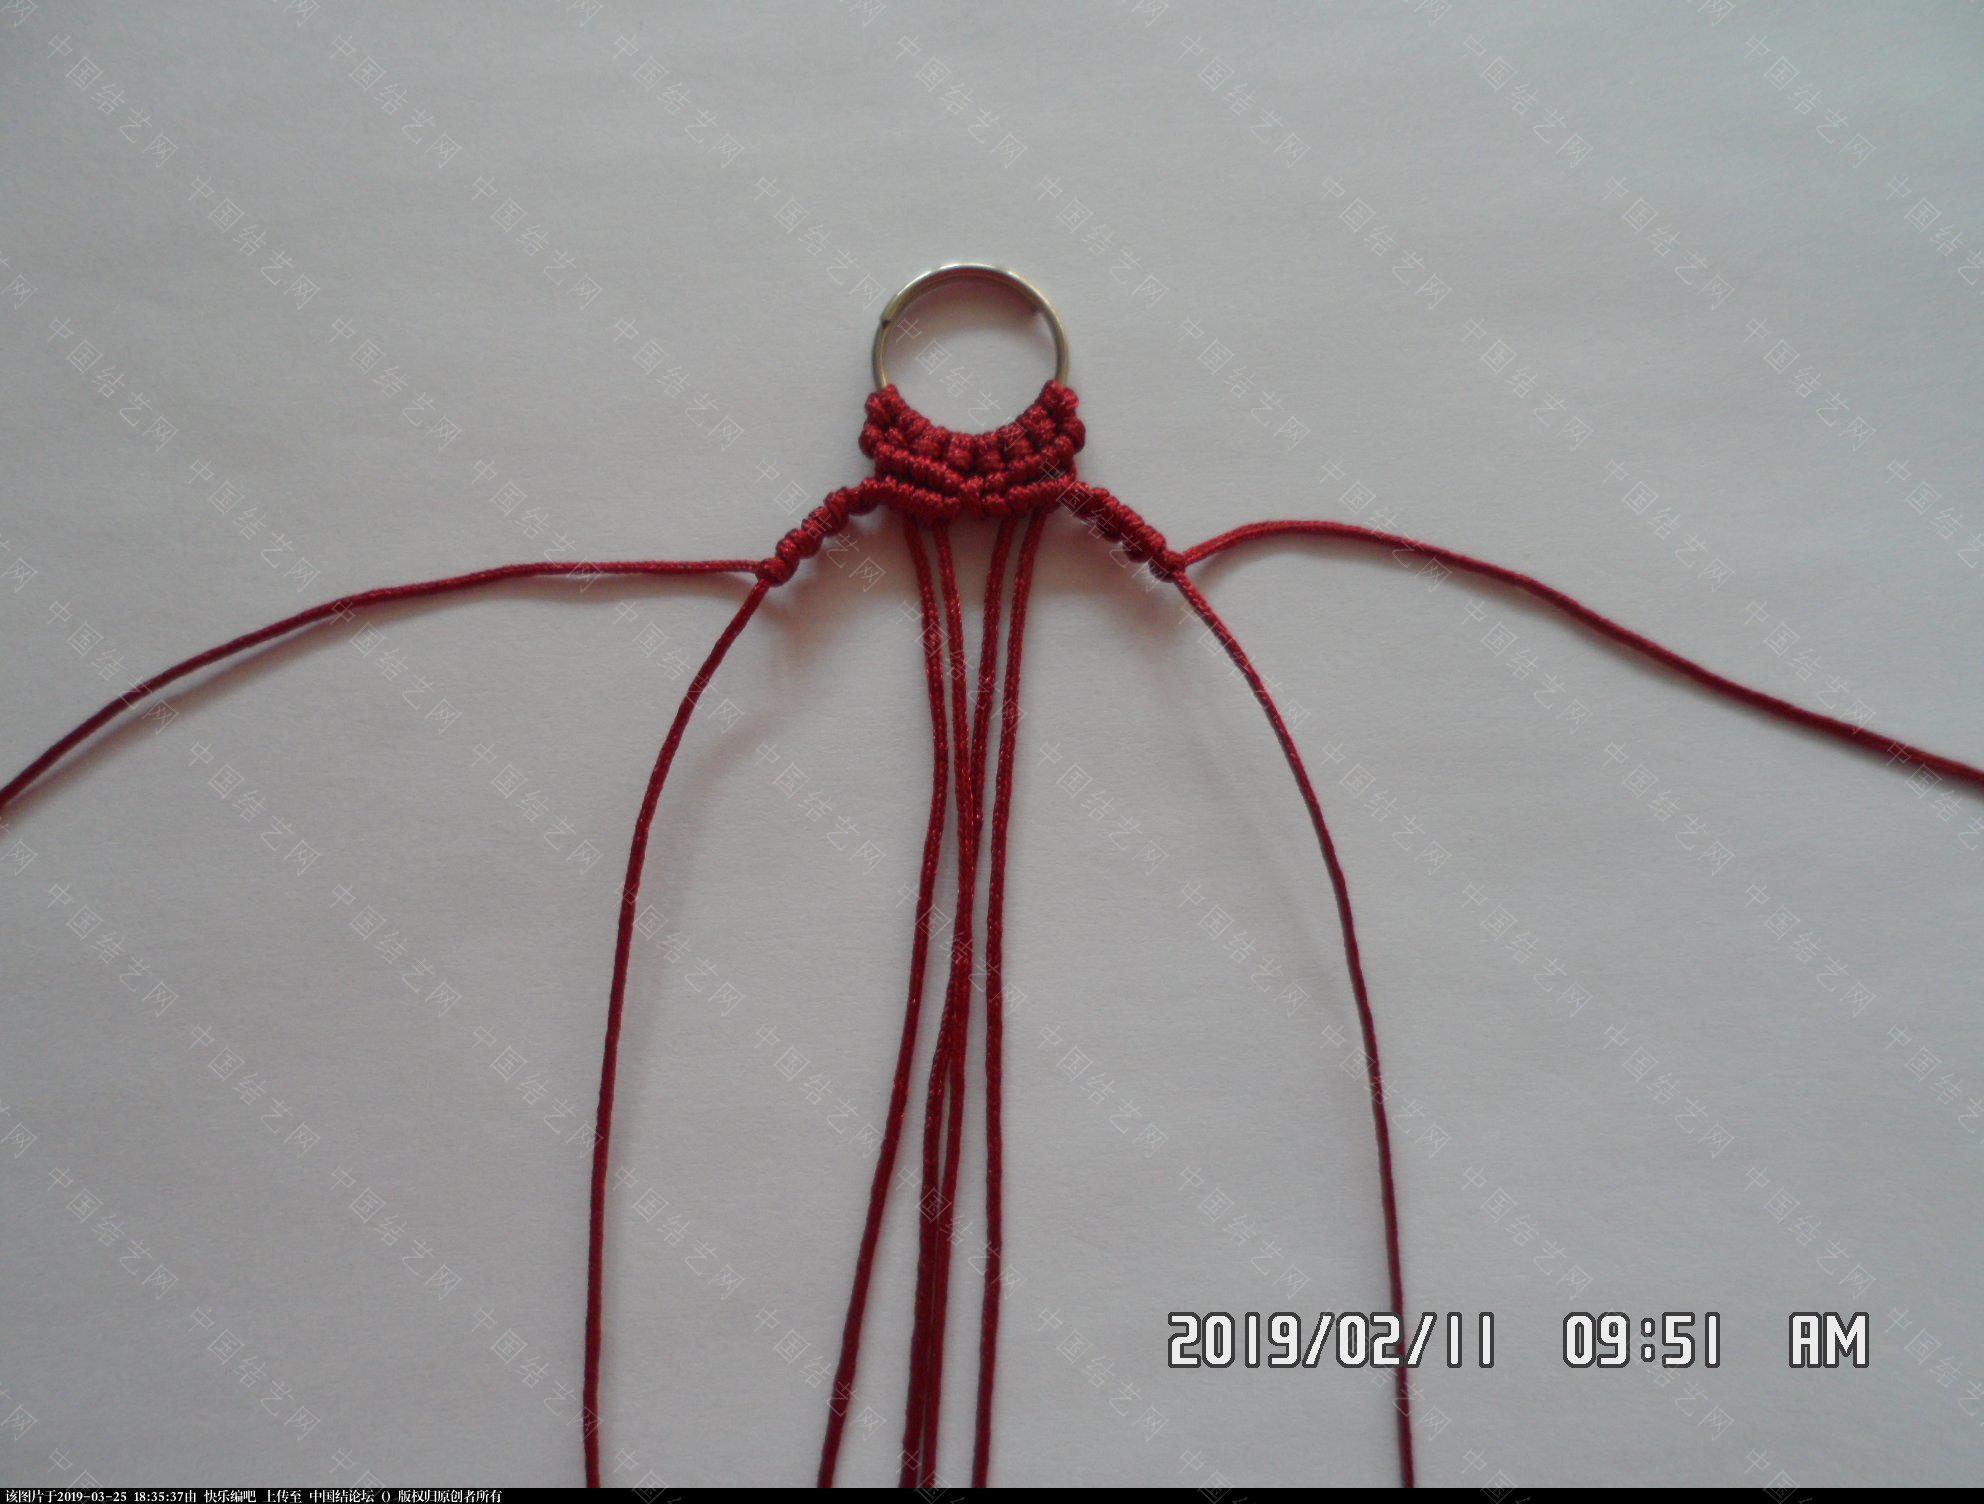 中国结论坛 耳坠 —— 雀头结、斜卷结、反斜卷结组合练习  图文教程区 172946jw0016or2wlw4651